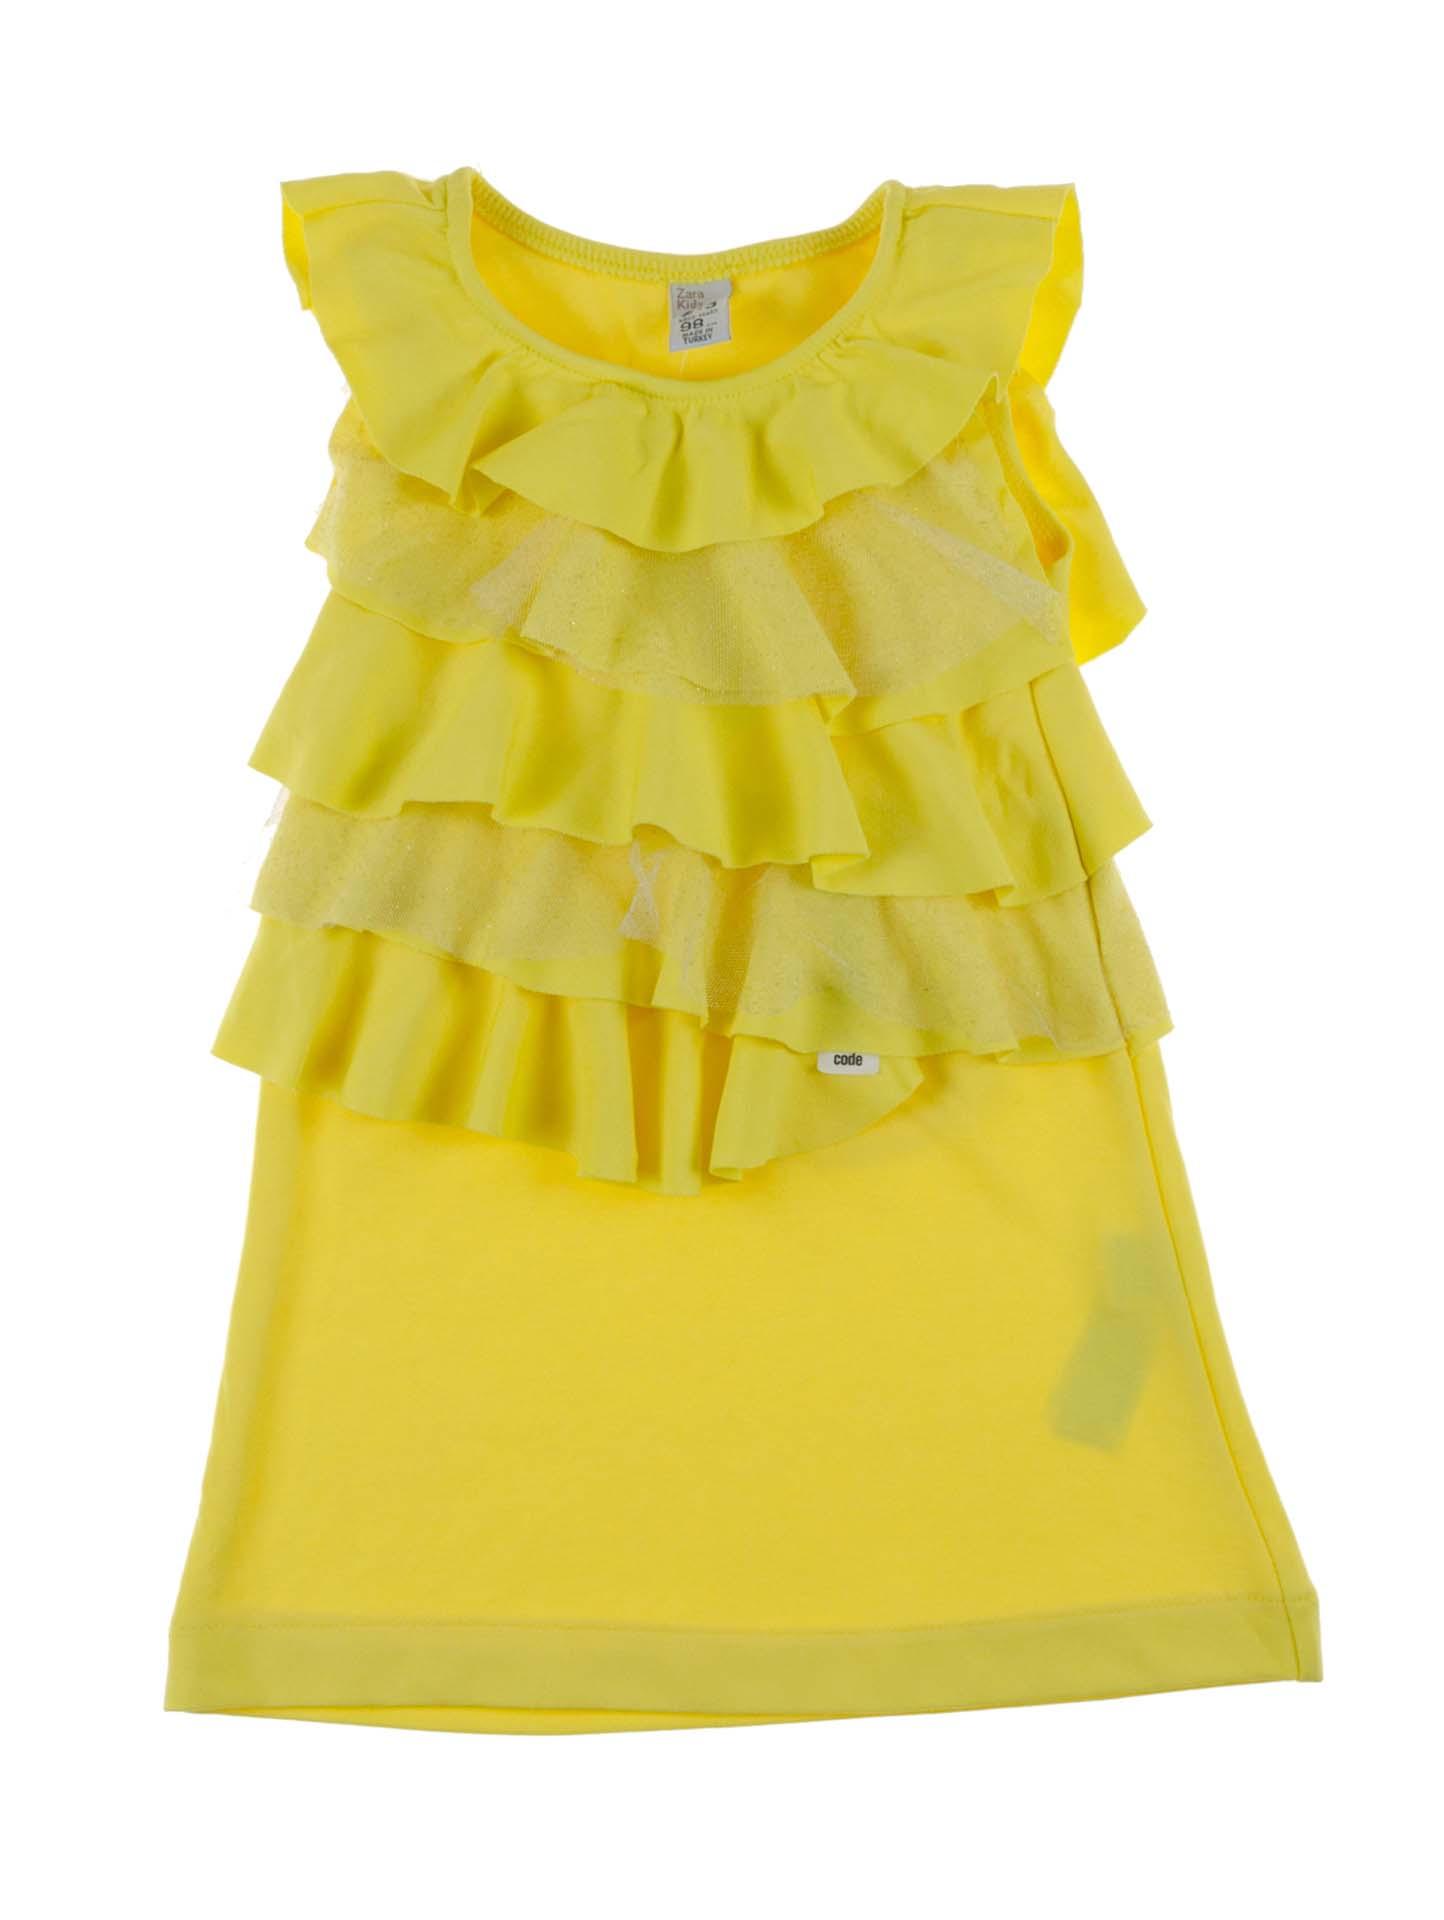 6f8a9a8995e Купить Нарядное желтое платье